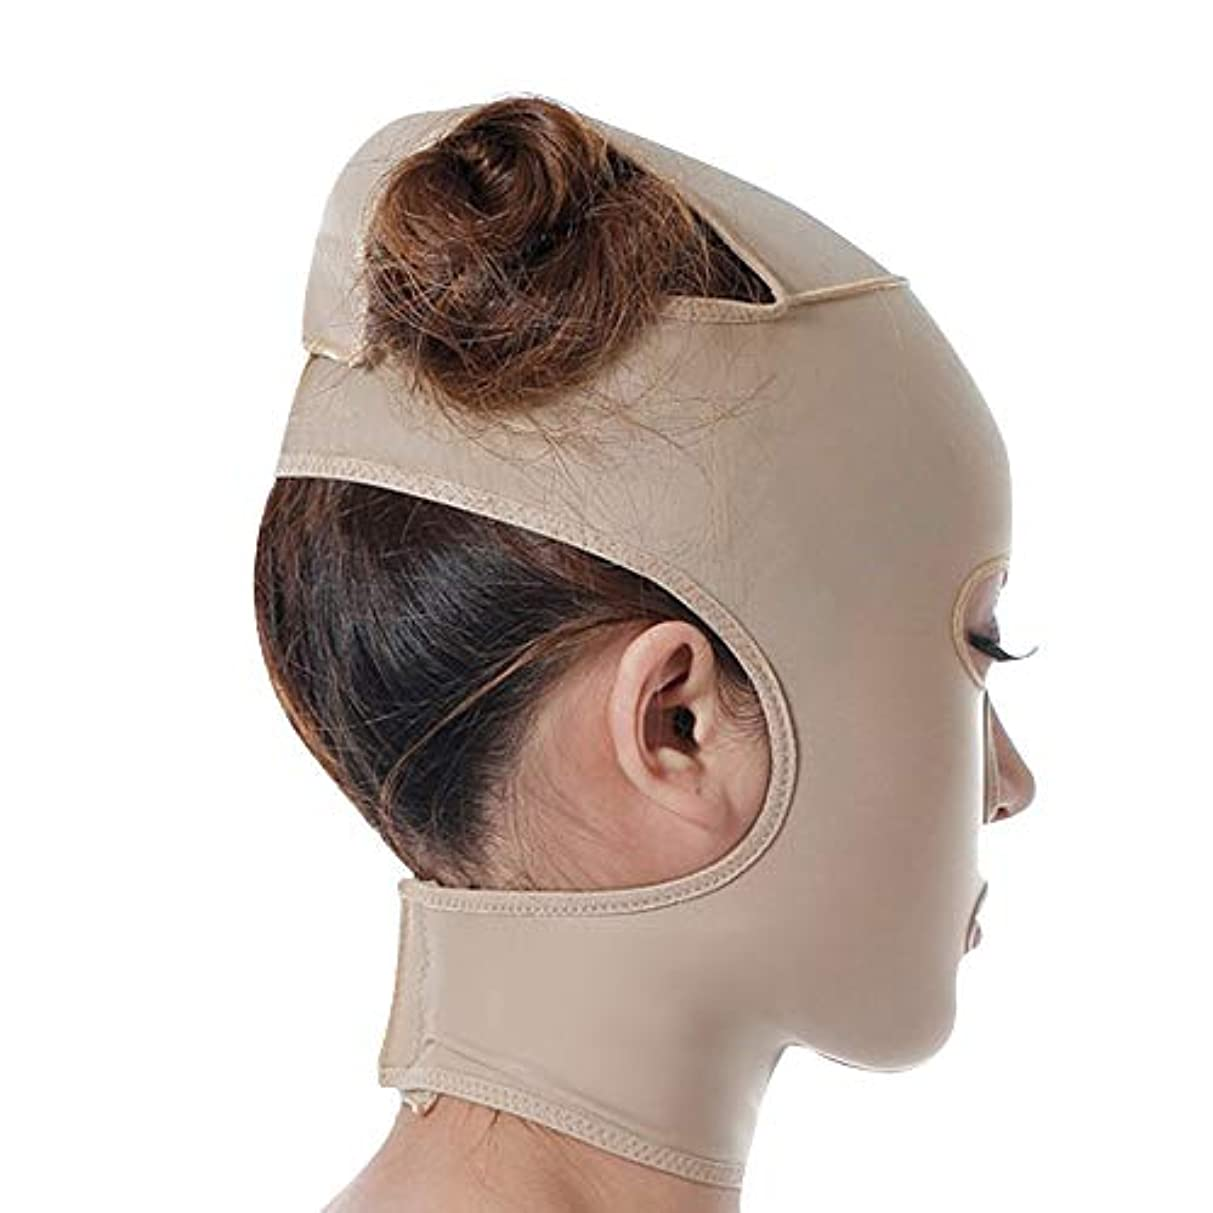 人類夫苦味TLMY 引き締めマスクマスク美容薬マスク美容V顔包帯ライン彫刻リフティング引き締め二重あごマスク 顔用整形マスク (Size : M)